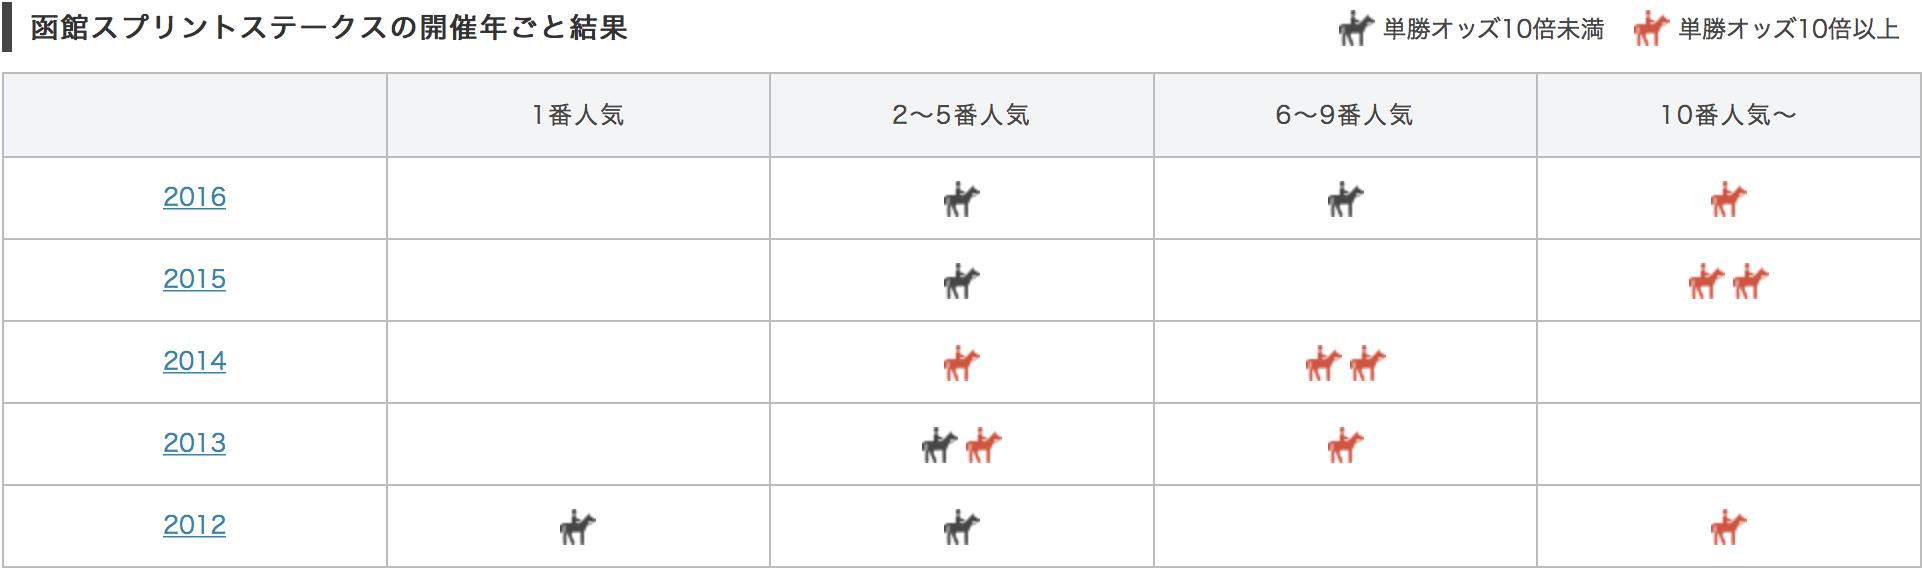 函館スプリトステークス2017単勝人気別データ